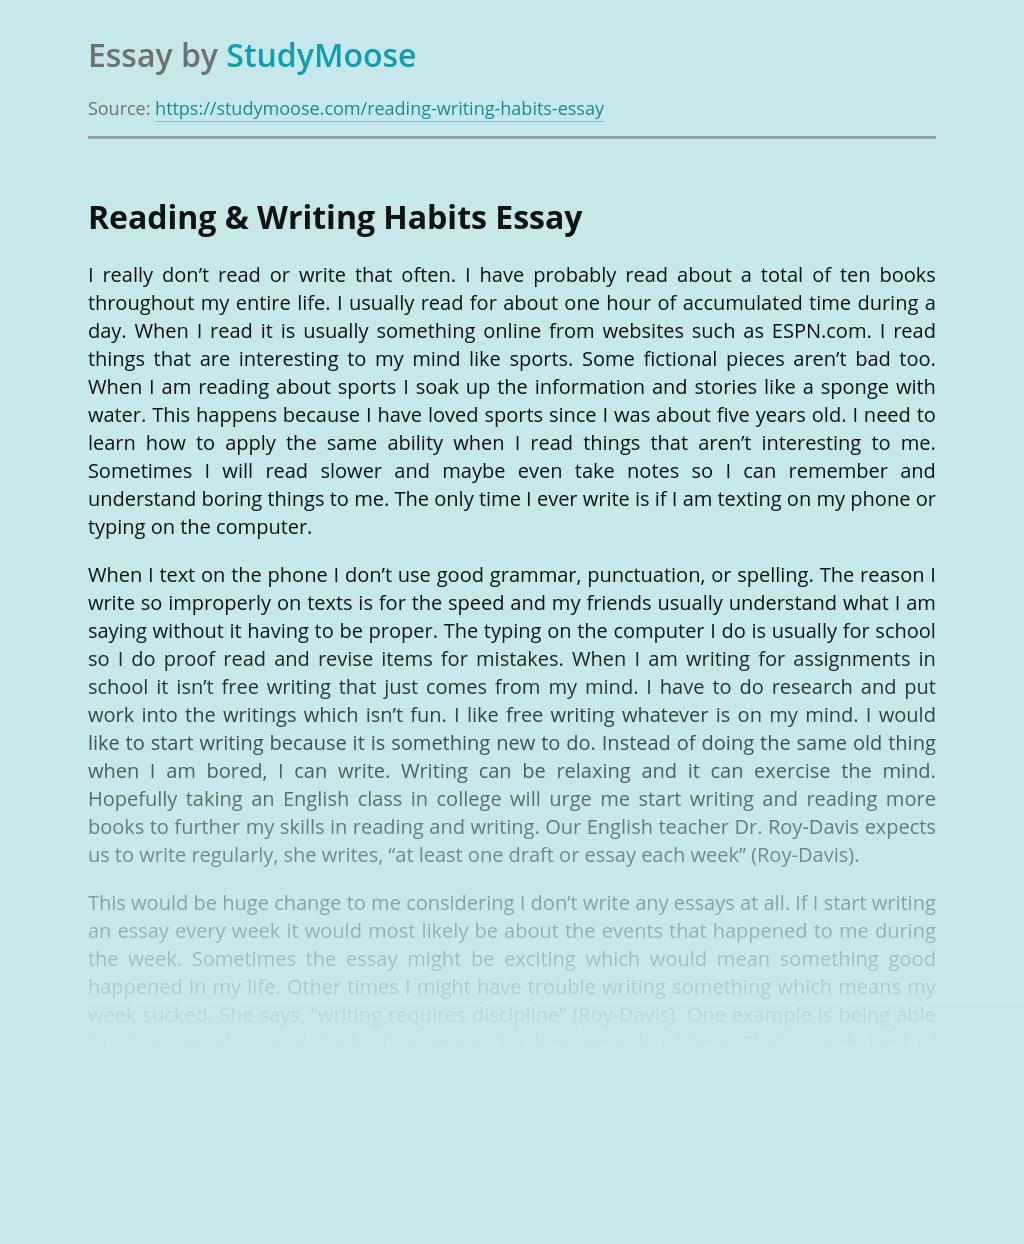 Reading & Writing Habits